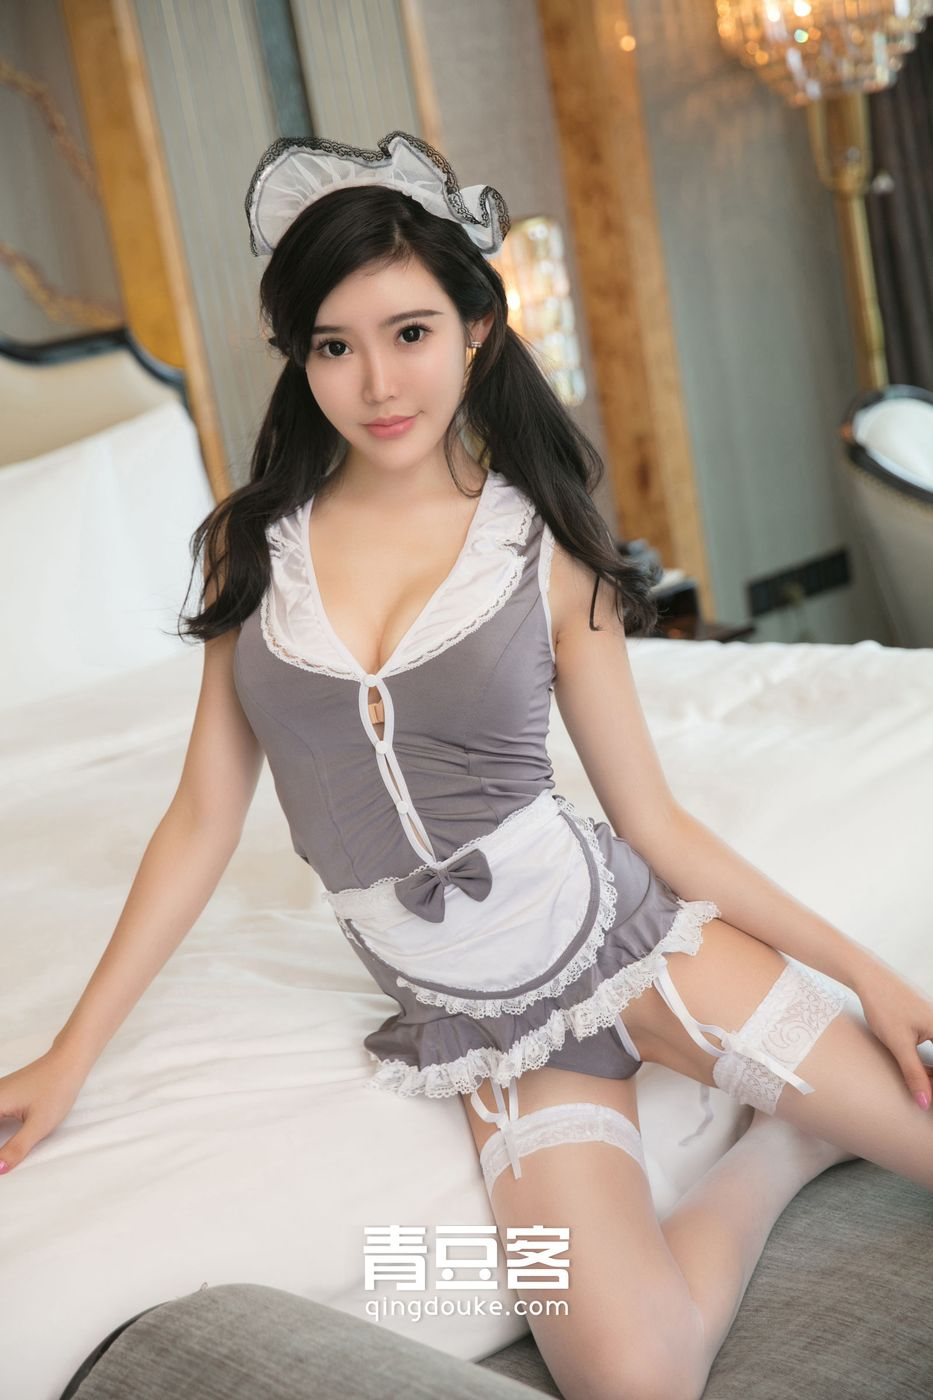 极品D奶mm女神何晨曦女仆装丝袜美腿制服内衣性感私拍写真图片